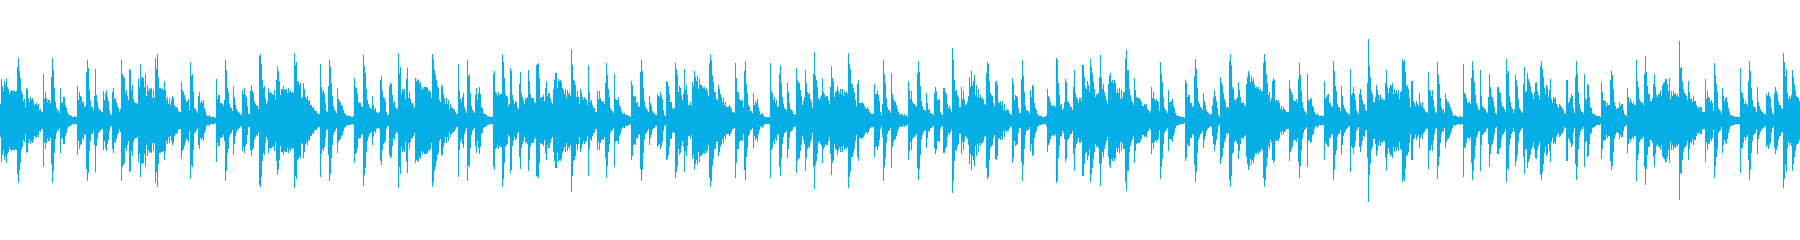 ドラムとウッドベースとギターのジャズの再生済みの波形